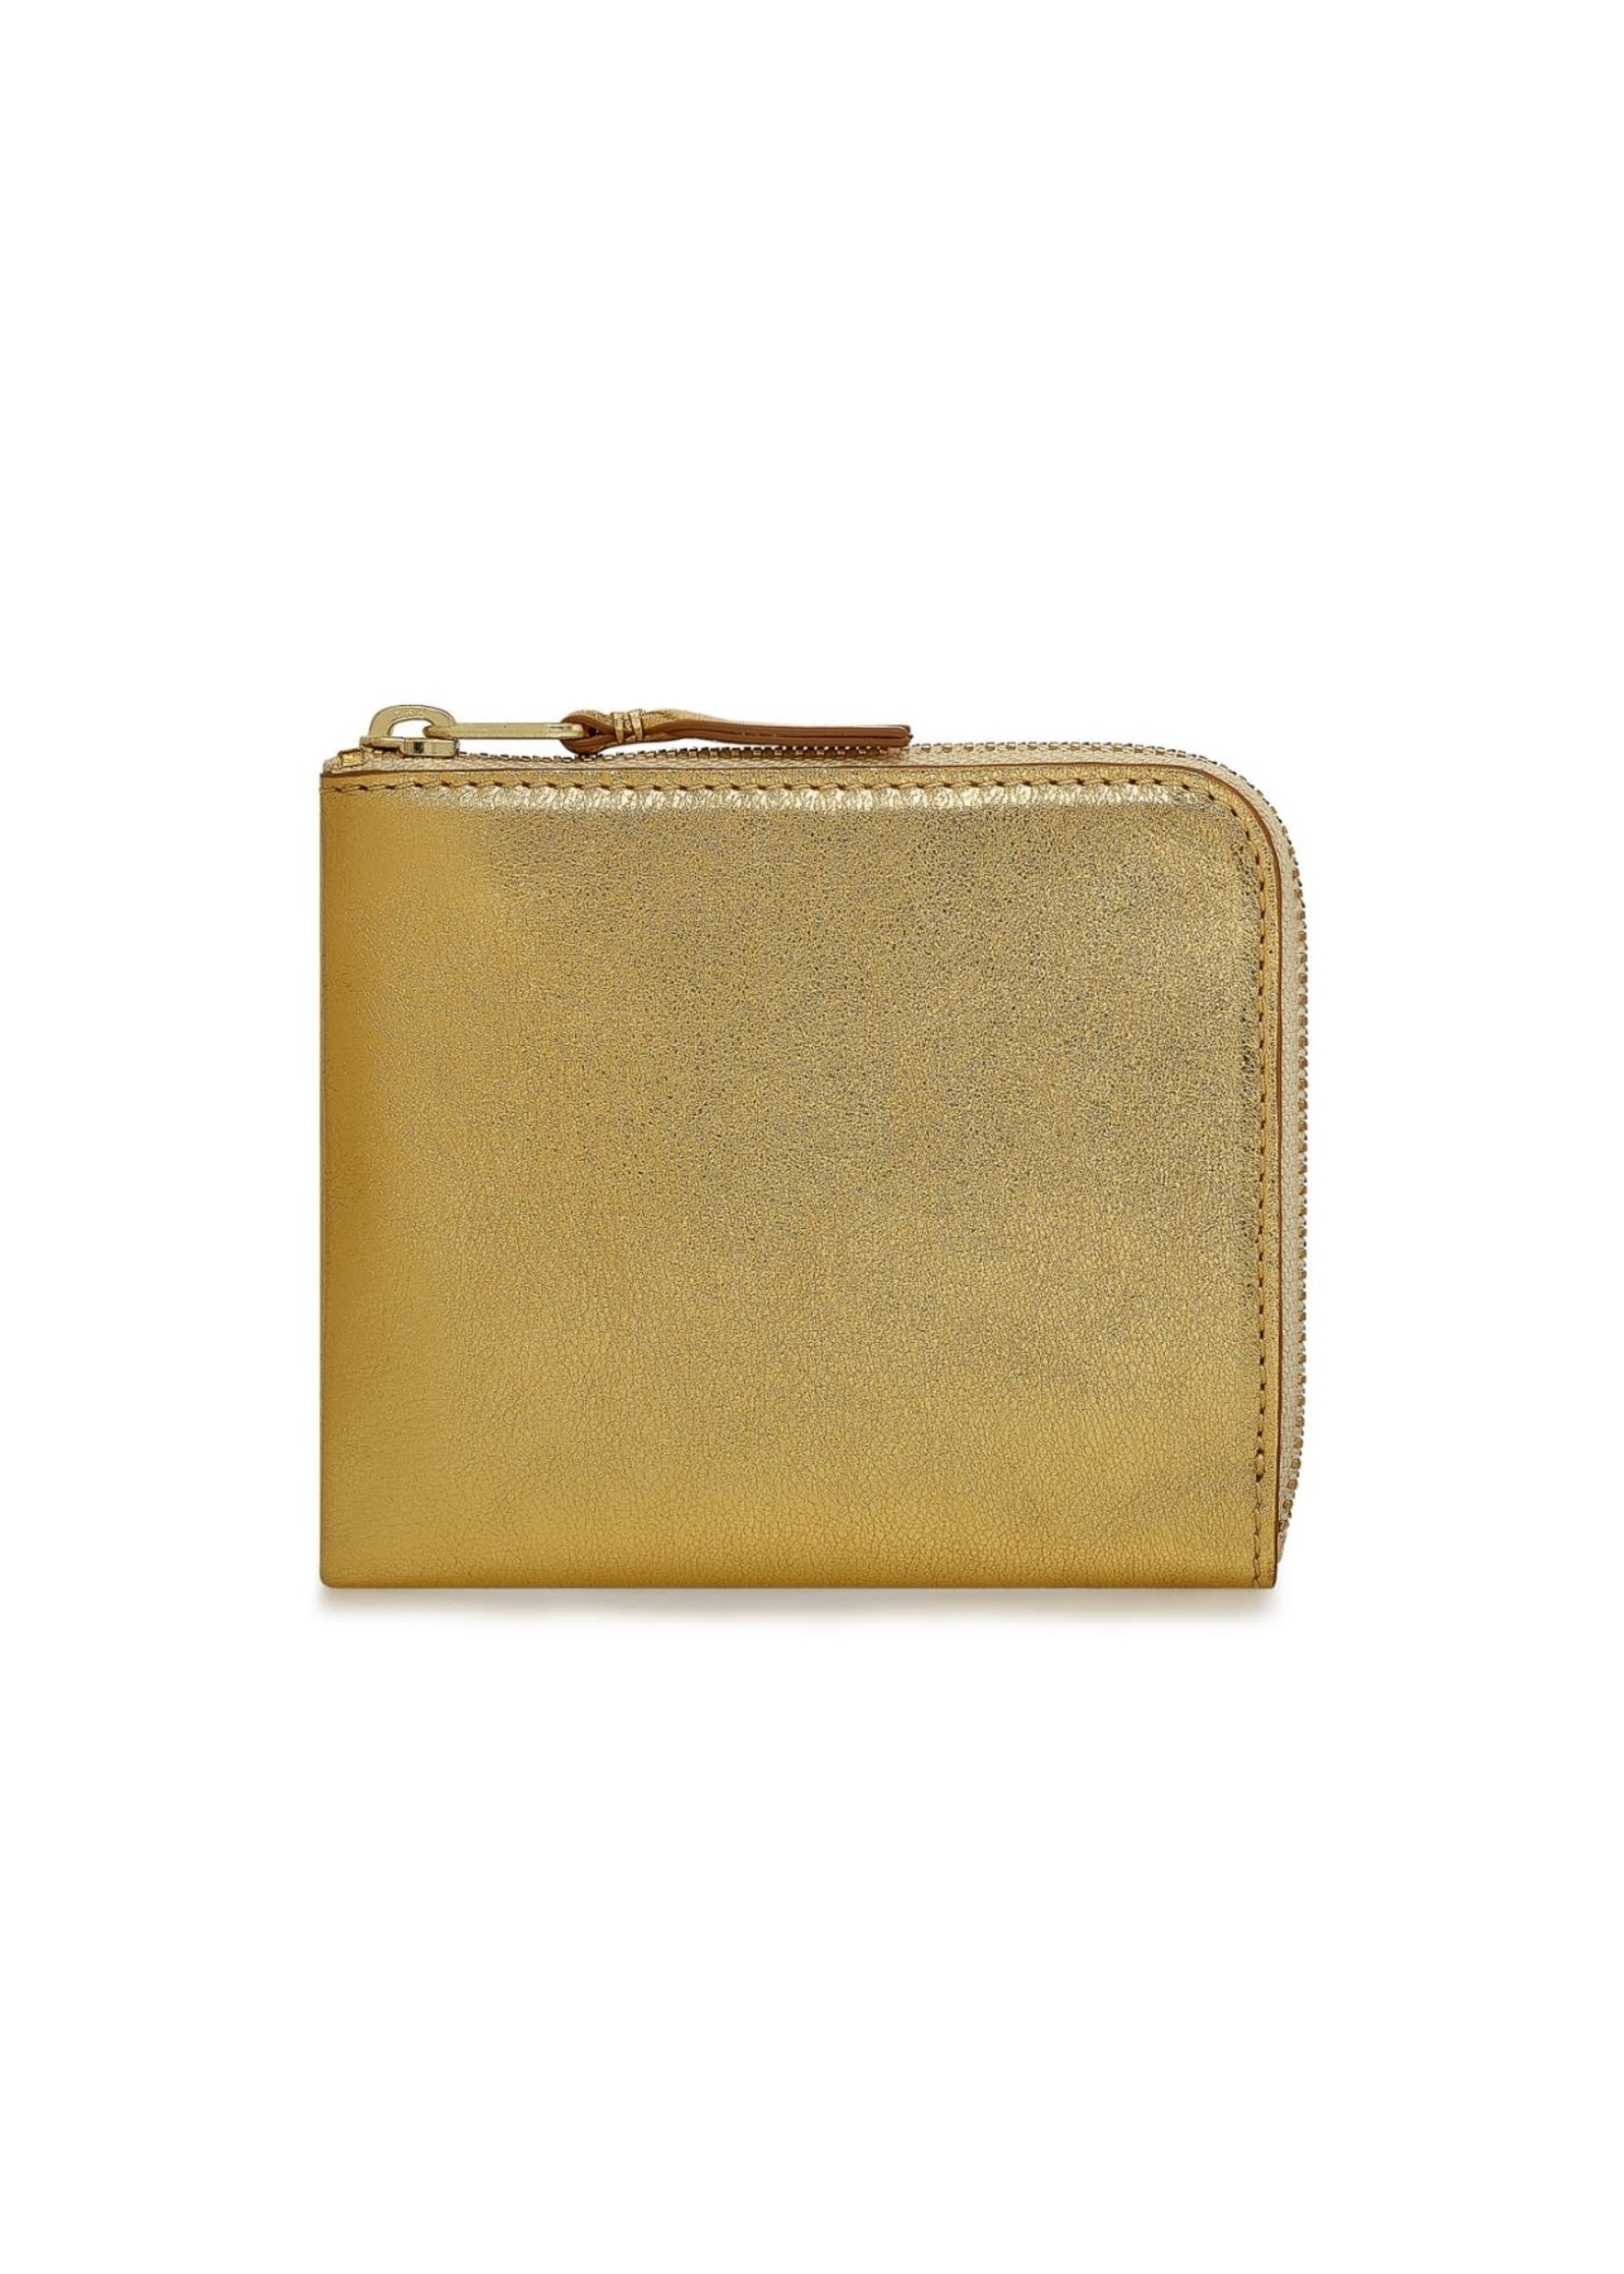 COMME des GARÇONS WALLET 1/2 Zip Wallet Gold Foil SA3100G